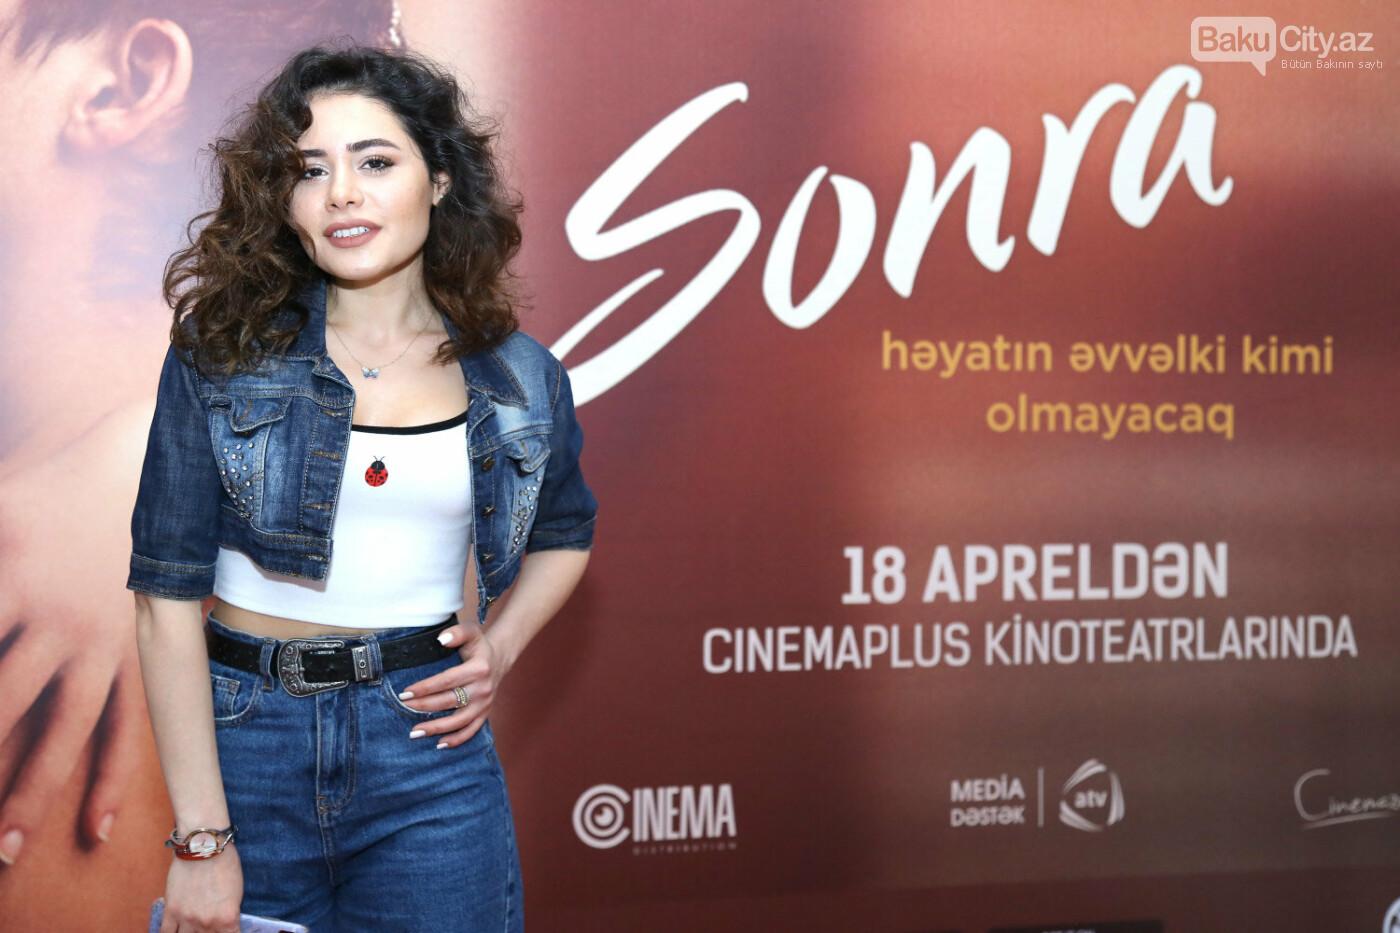 Amerikanın bu filmi Bakıda Azərbaycan dilində göstərilir - FOTO / VİDEO, fotoşəkil-6